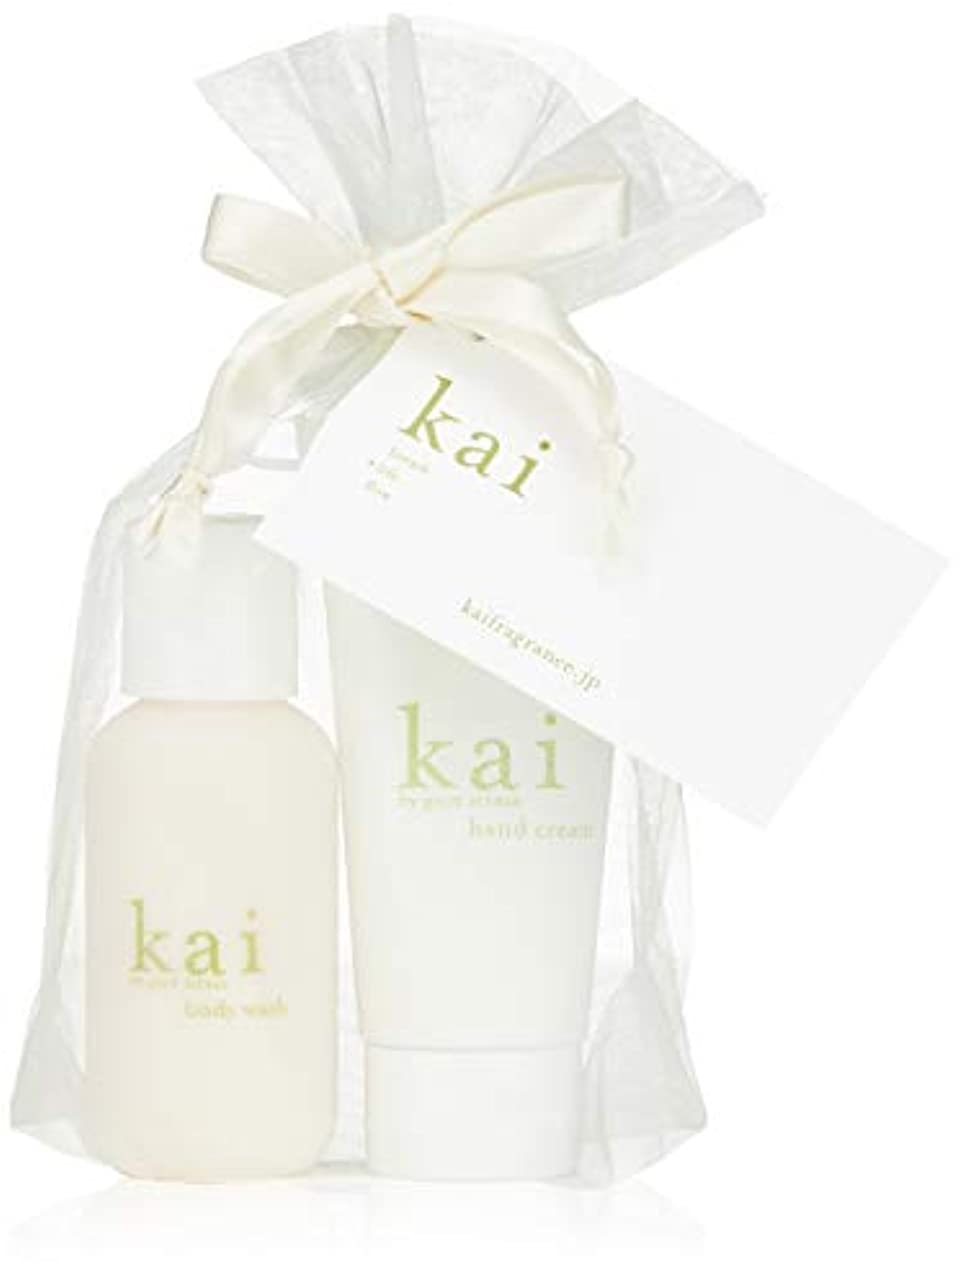 調停者フェデレーション意図するkai fragrance(カイ フレグランス) ハンドクリーム&ミニボディウォッシュ 59×2ml